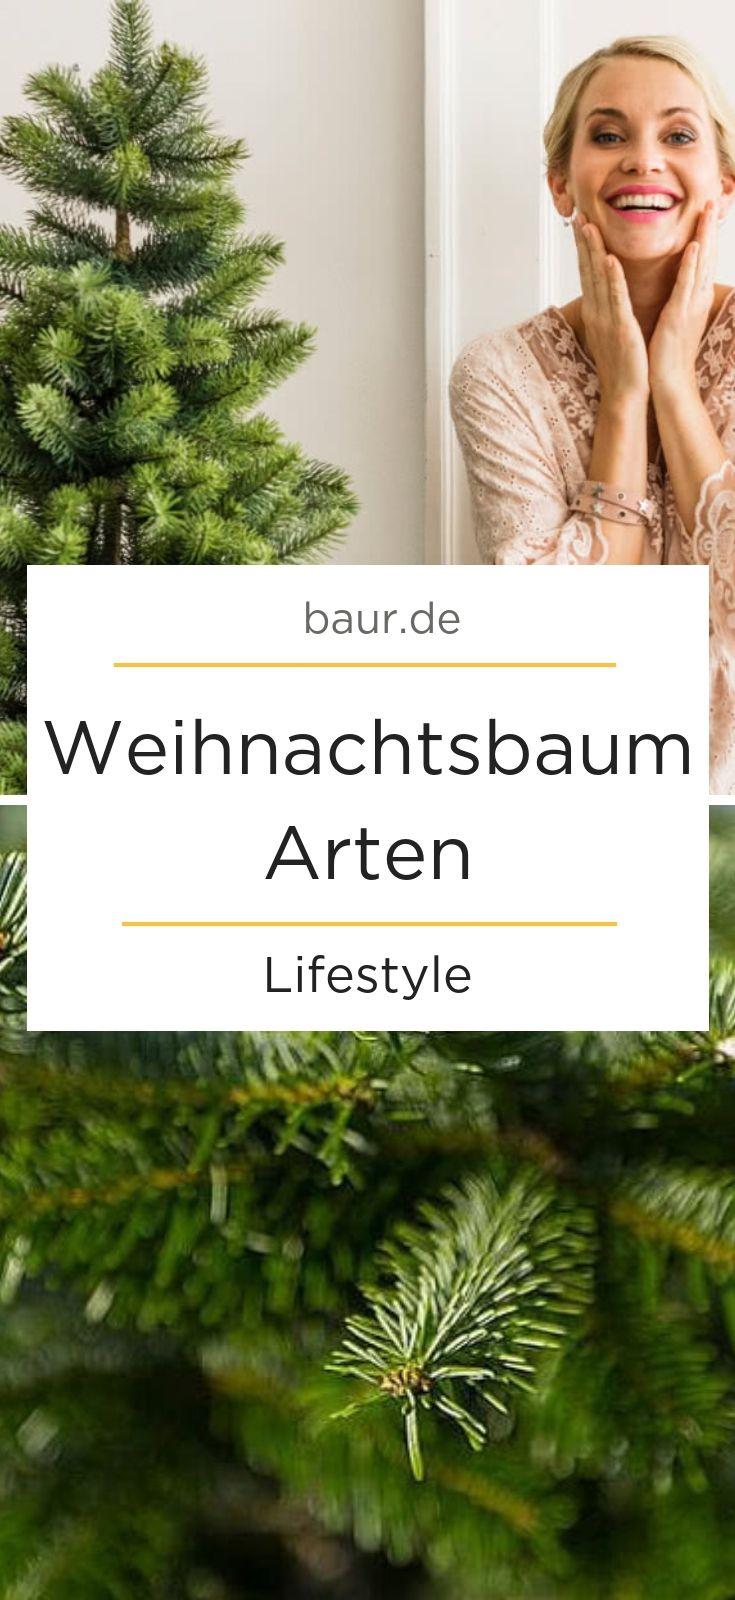 Weihnachtsbaum Fällen.Ein Weihnachtsbaum Für Alle Fälle Oh Tannenbaum Wie Grün Sind